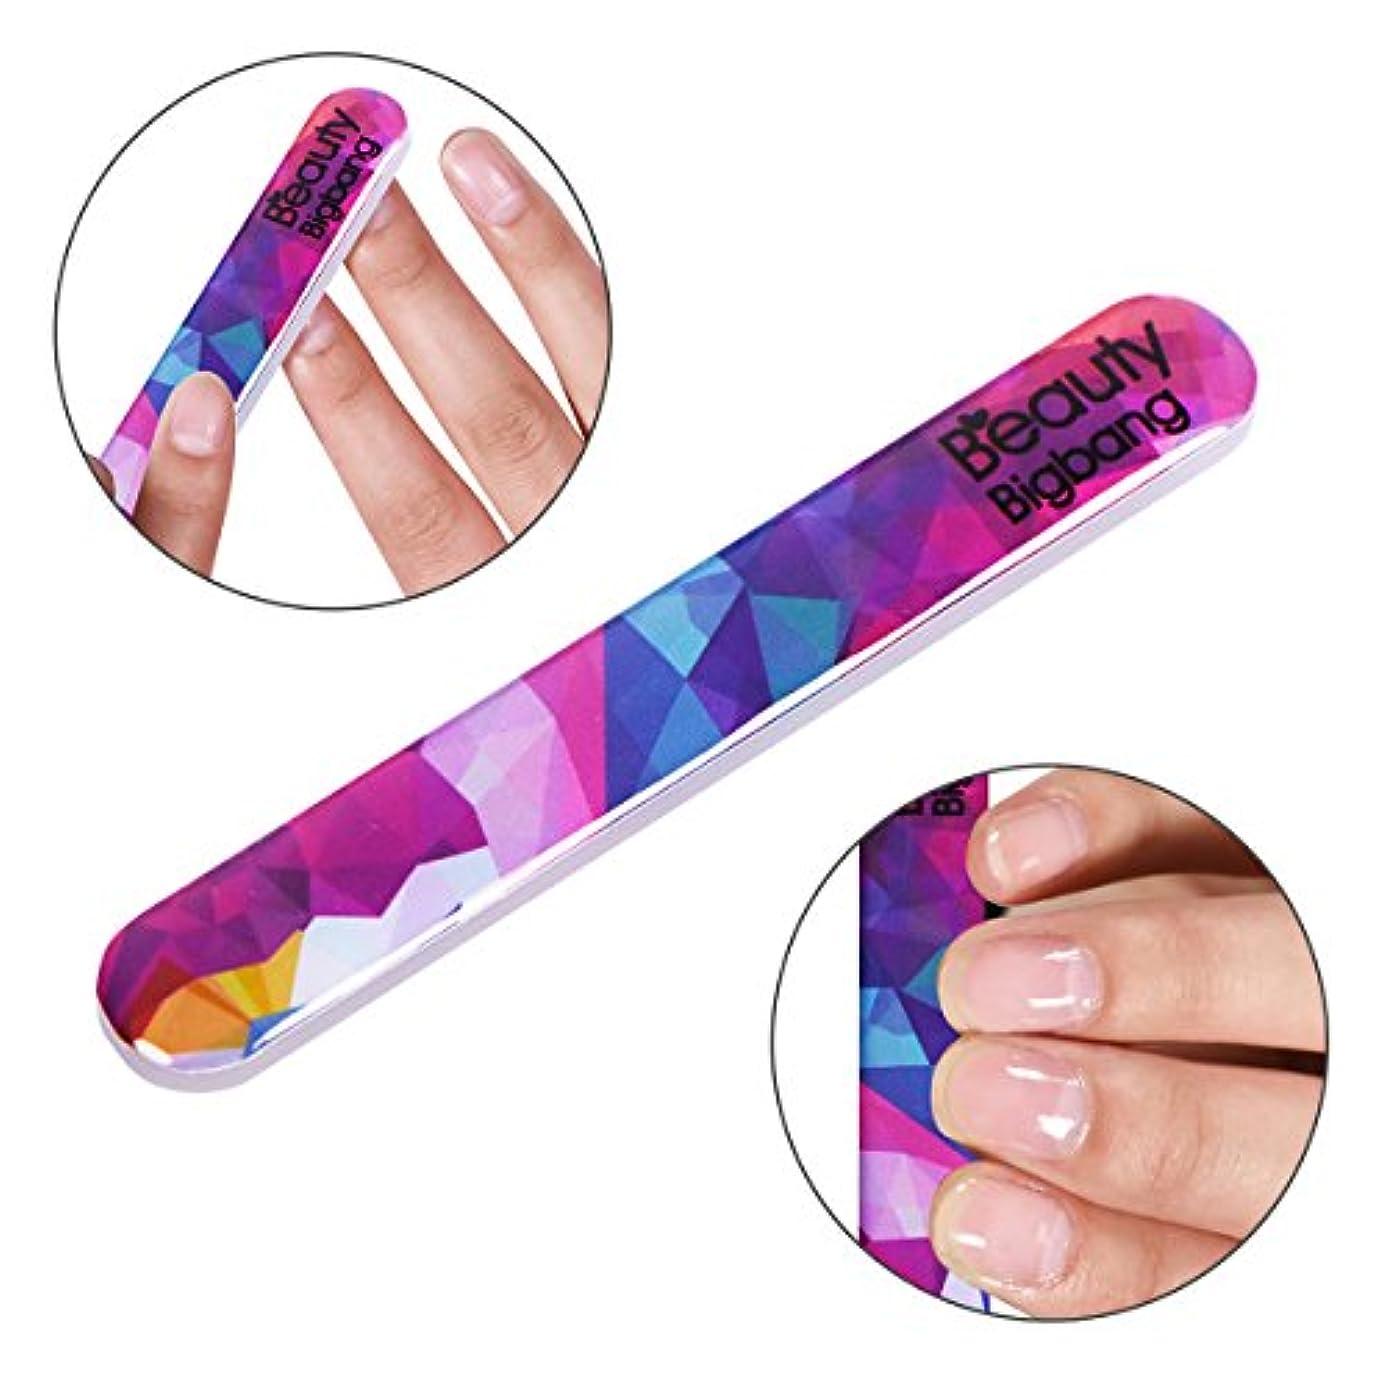 疑わしい永遠のコンペAMAA ネイルシャイナー ヌードネイル 爪やすり 爪磨き ガラス ネイルファイル ピカピカ ネイルケア